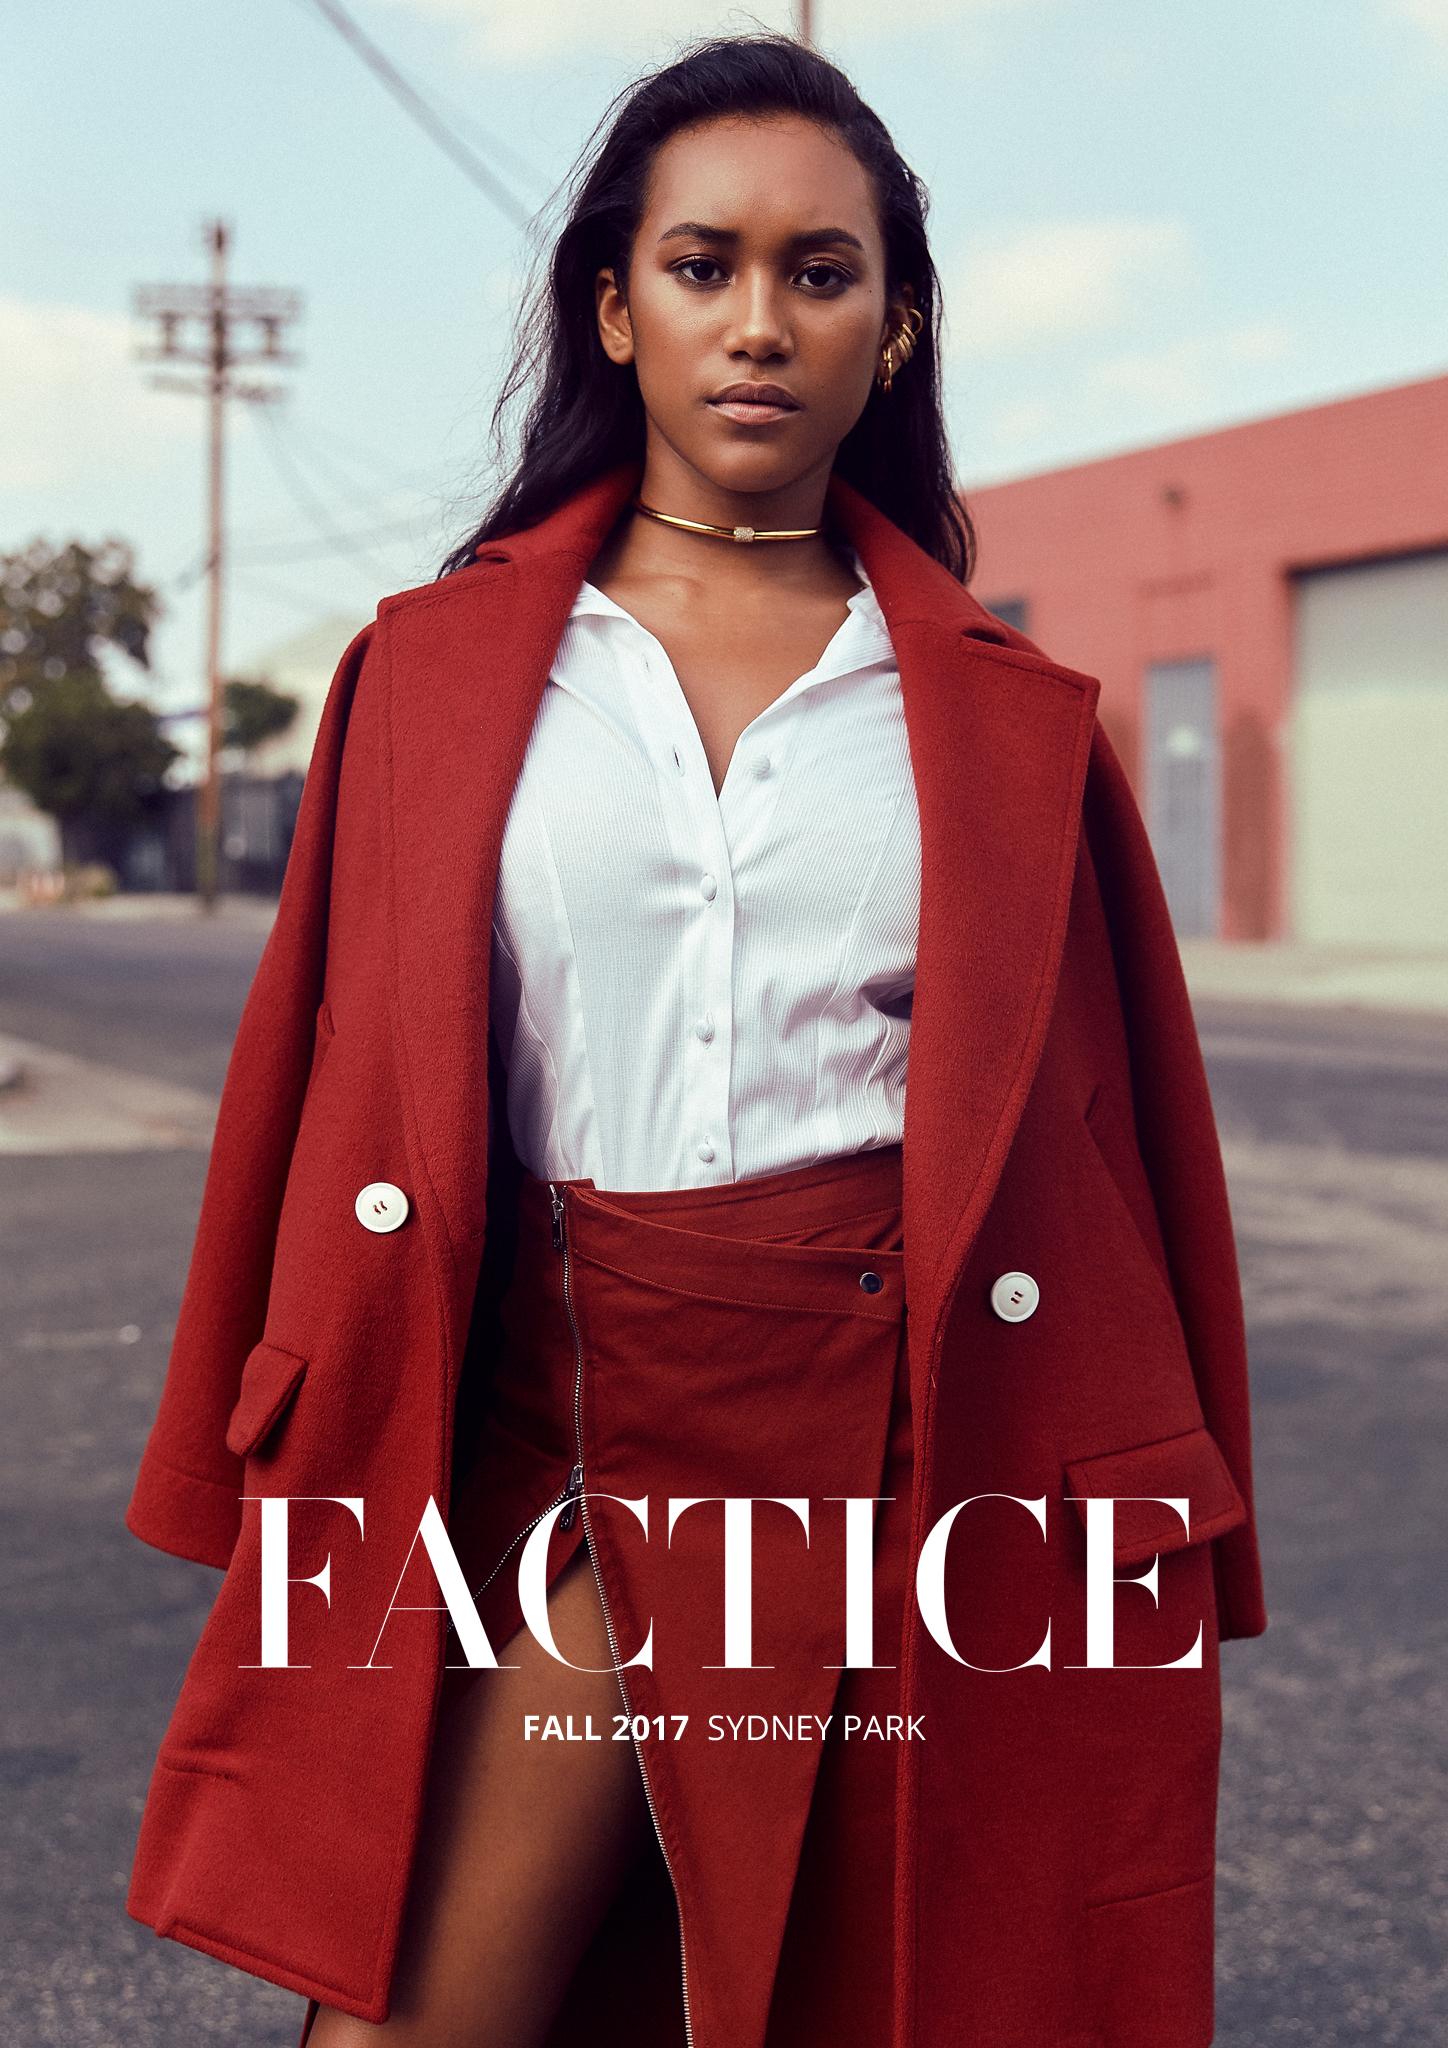 FacTice magazine -